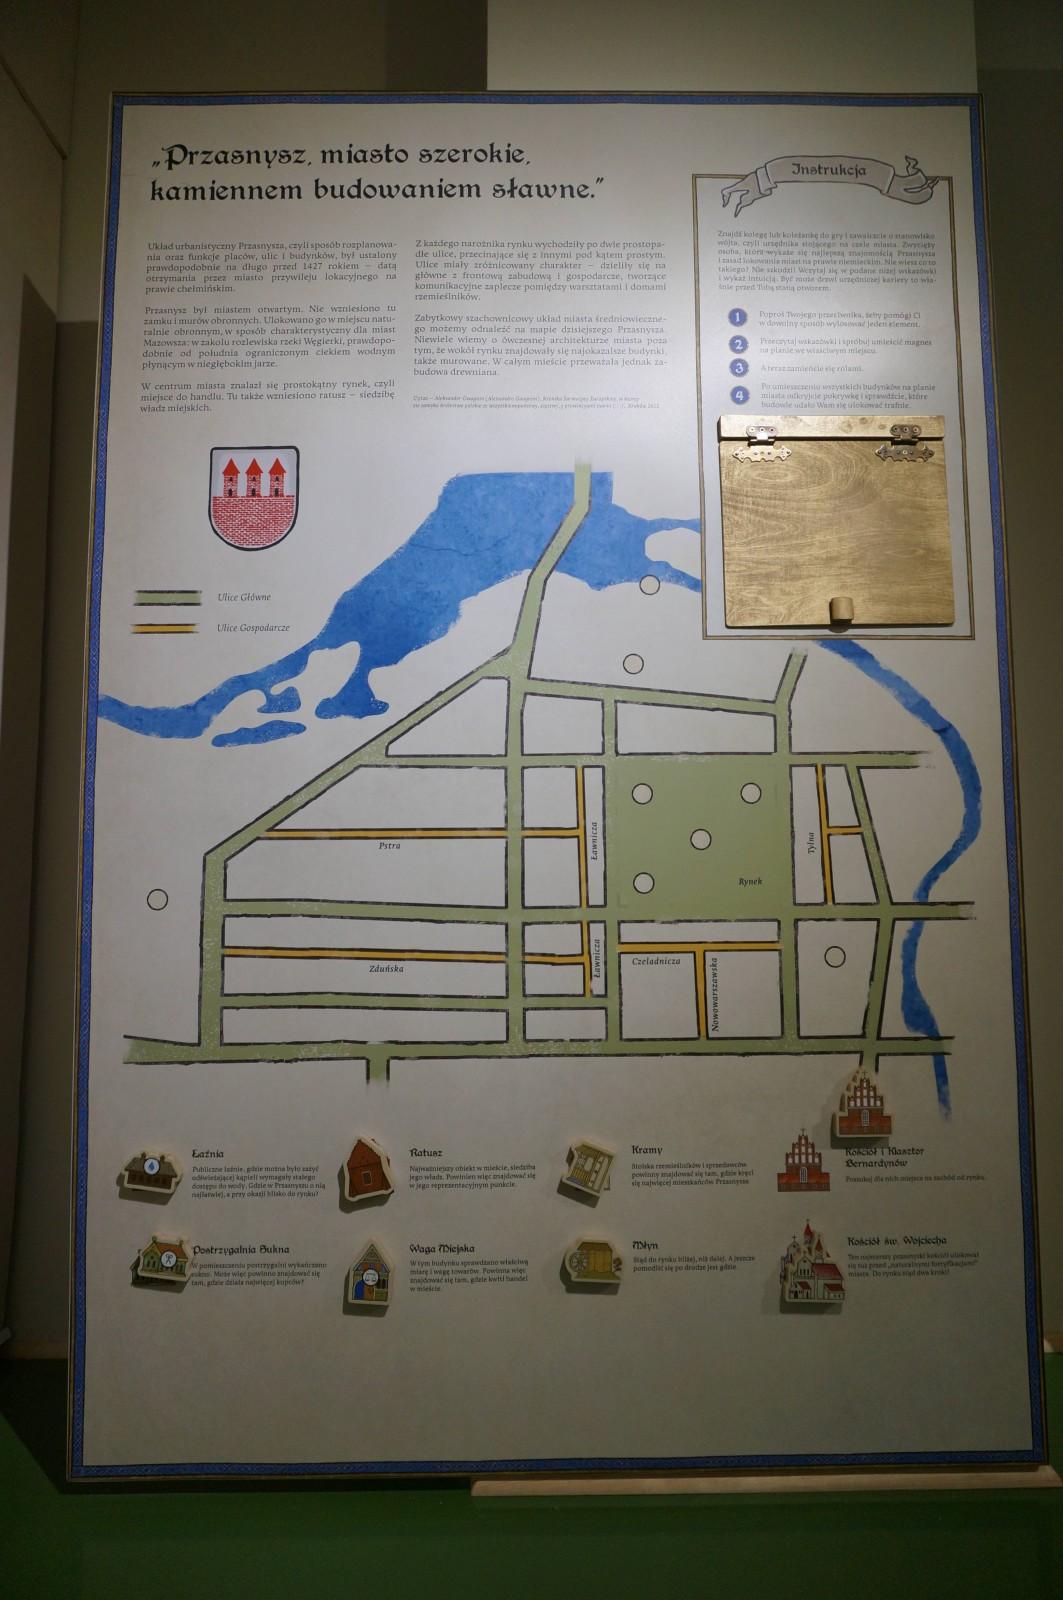 Золотой век города Пшасныша (Przasnysza), Исторический музей в Пшаснышу, 2015.